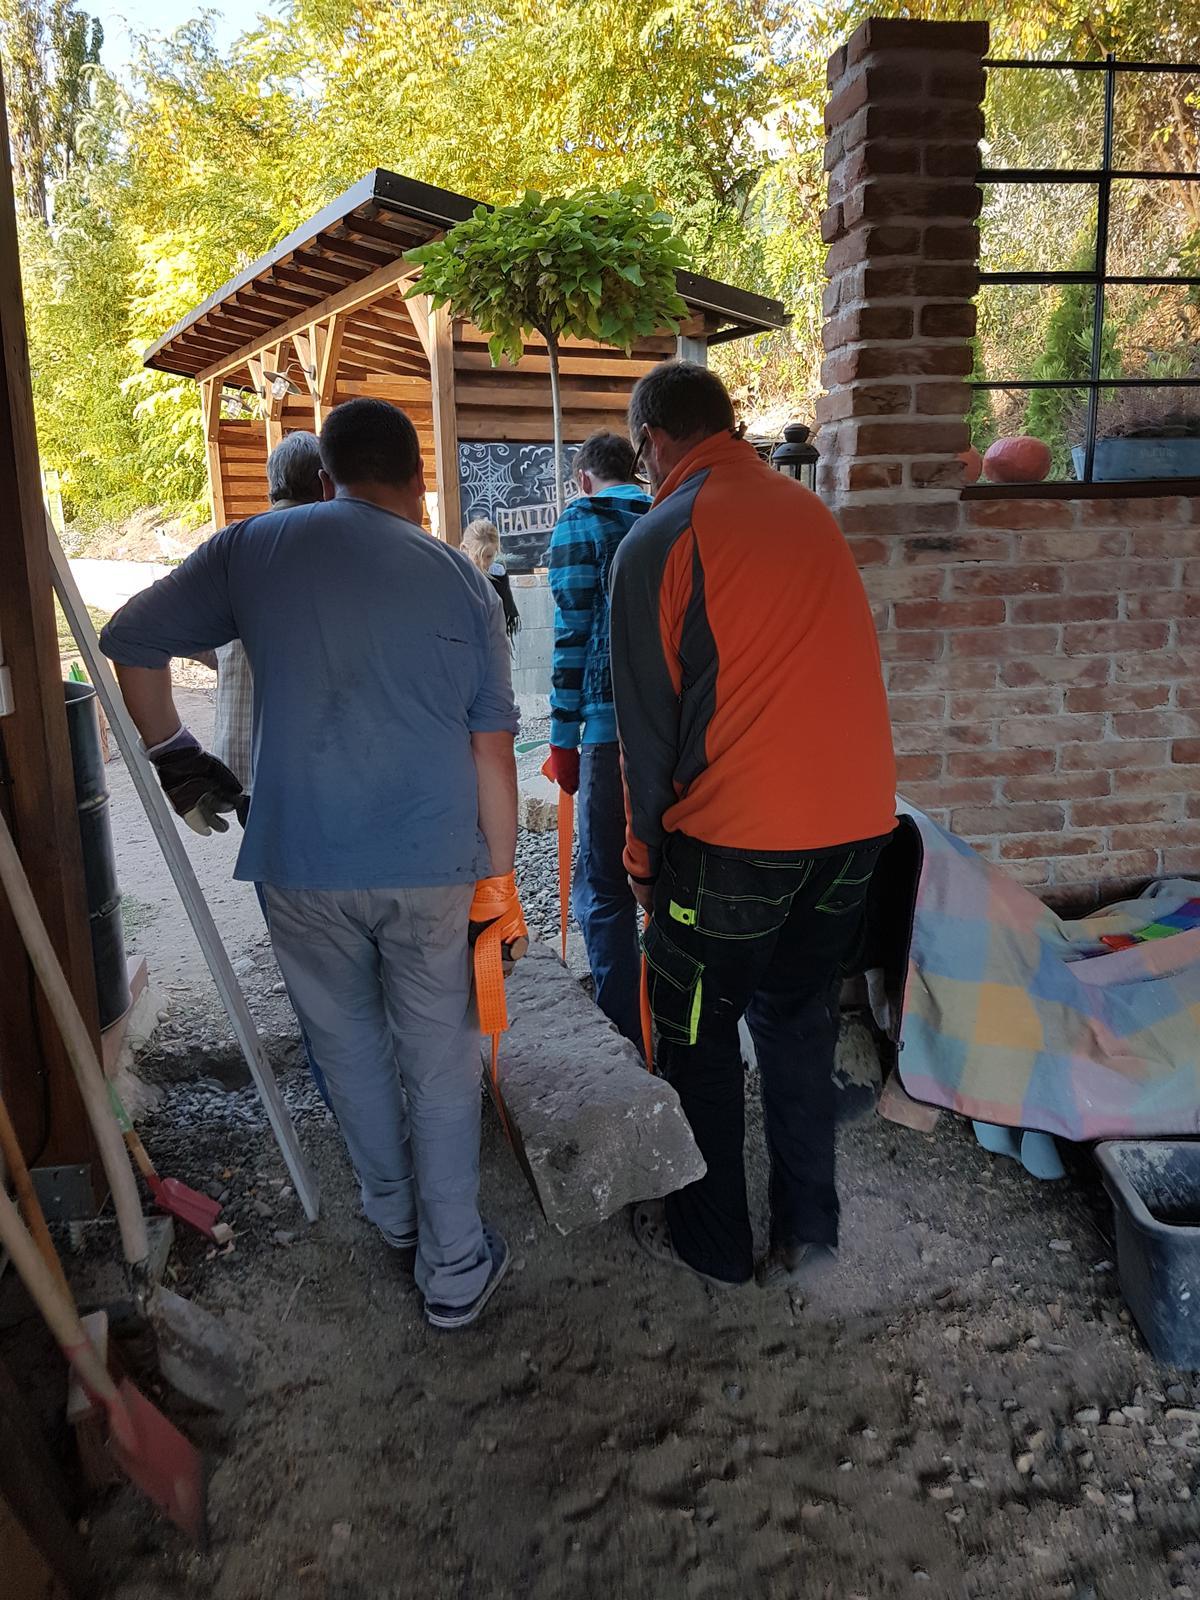 Drevník a kafé kútik - projekt roku  2018 - Štyria chlapi mali čo robiť aby ho odniesli. Žula je žula.